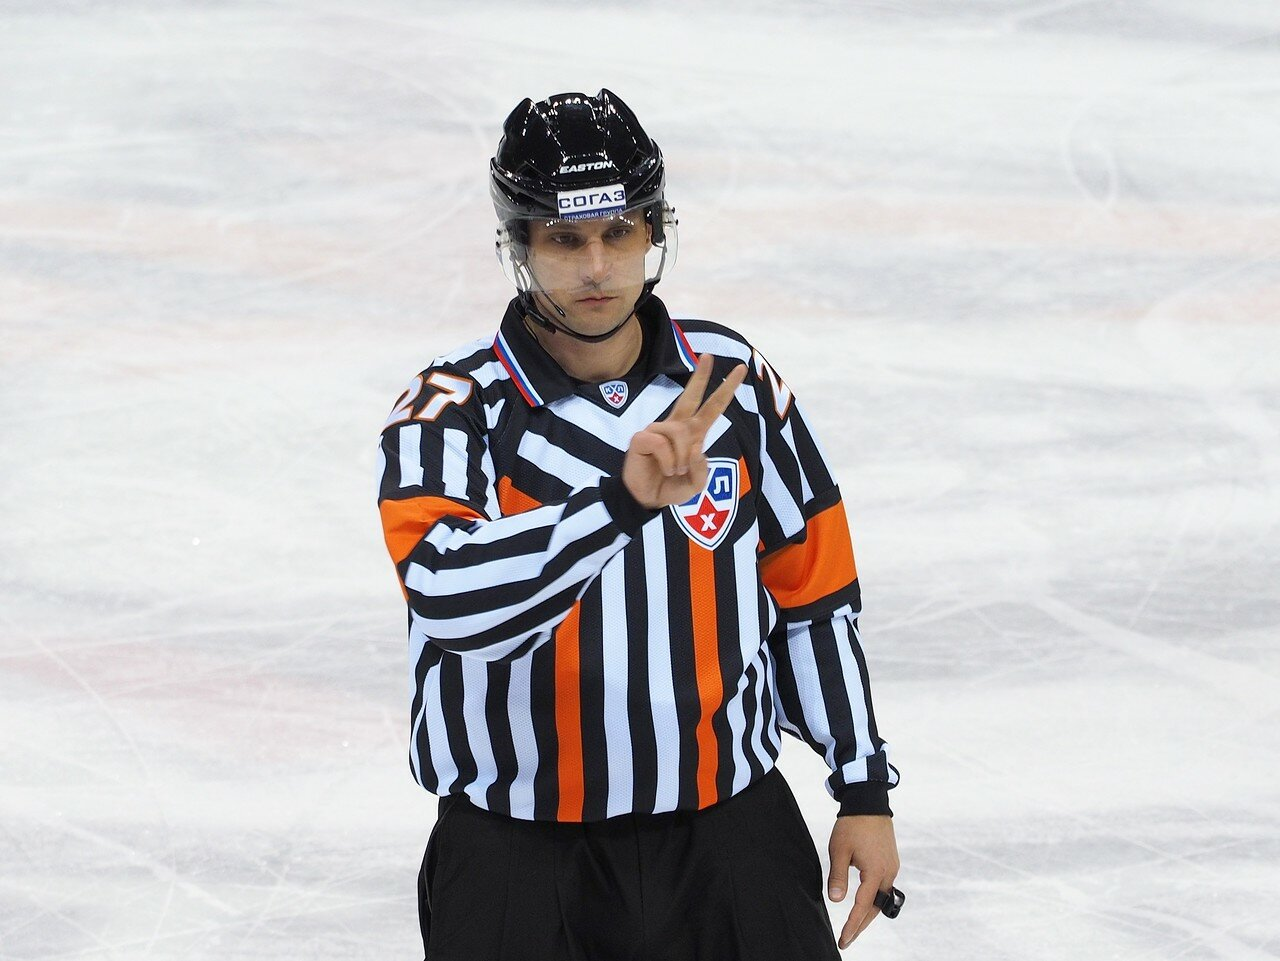 107Металлург - Динамо Москва 28.12.2015